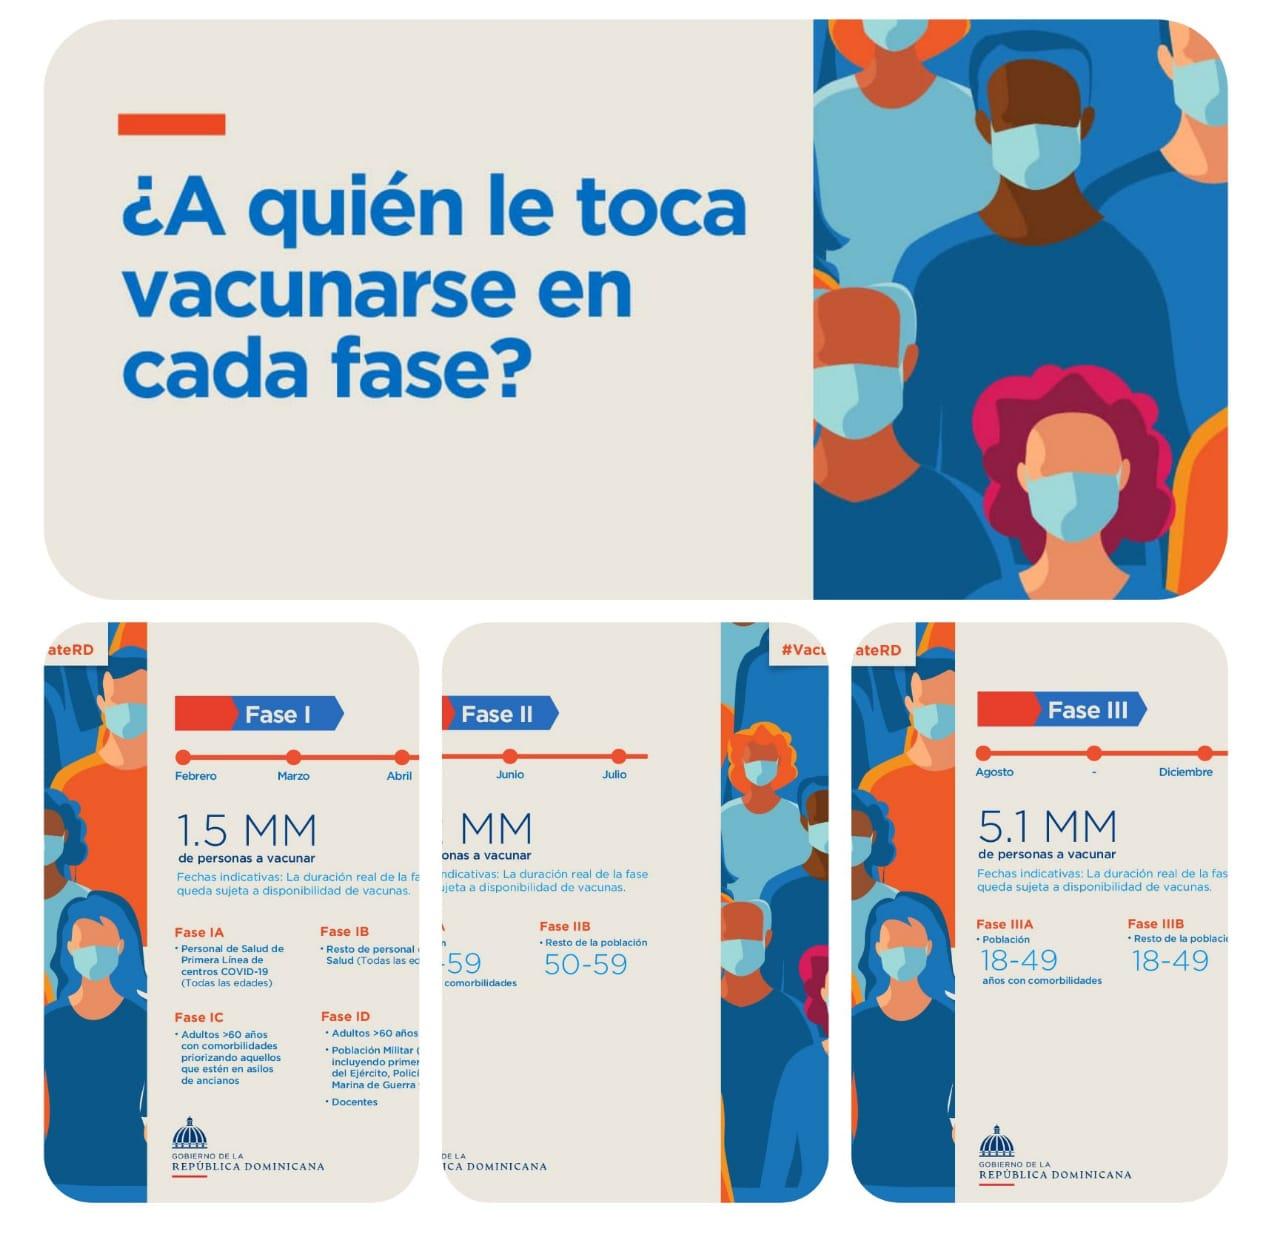 ¡#VacúnateRD y juntos venceremos el coronavirus!